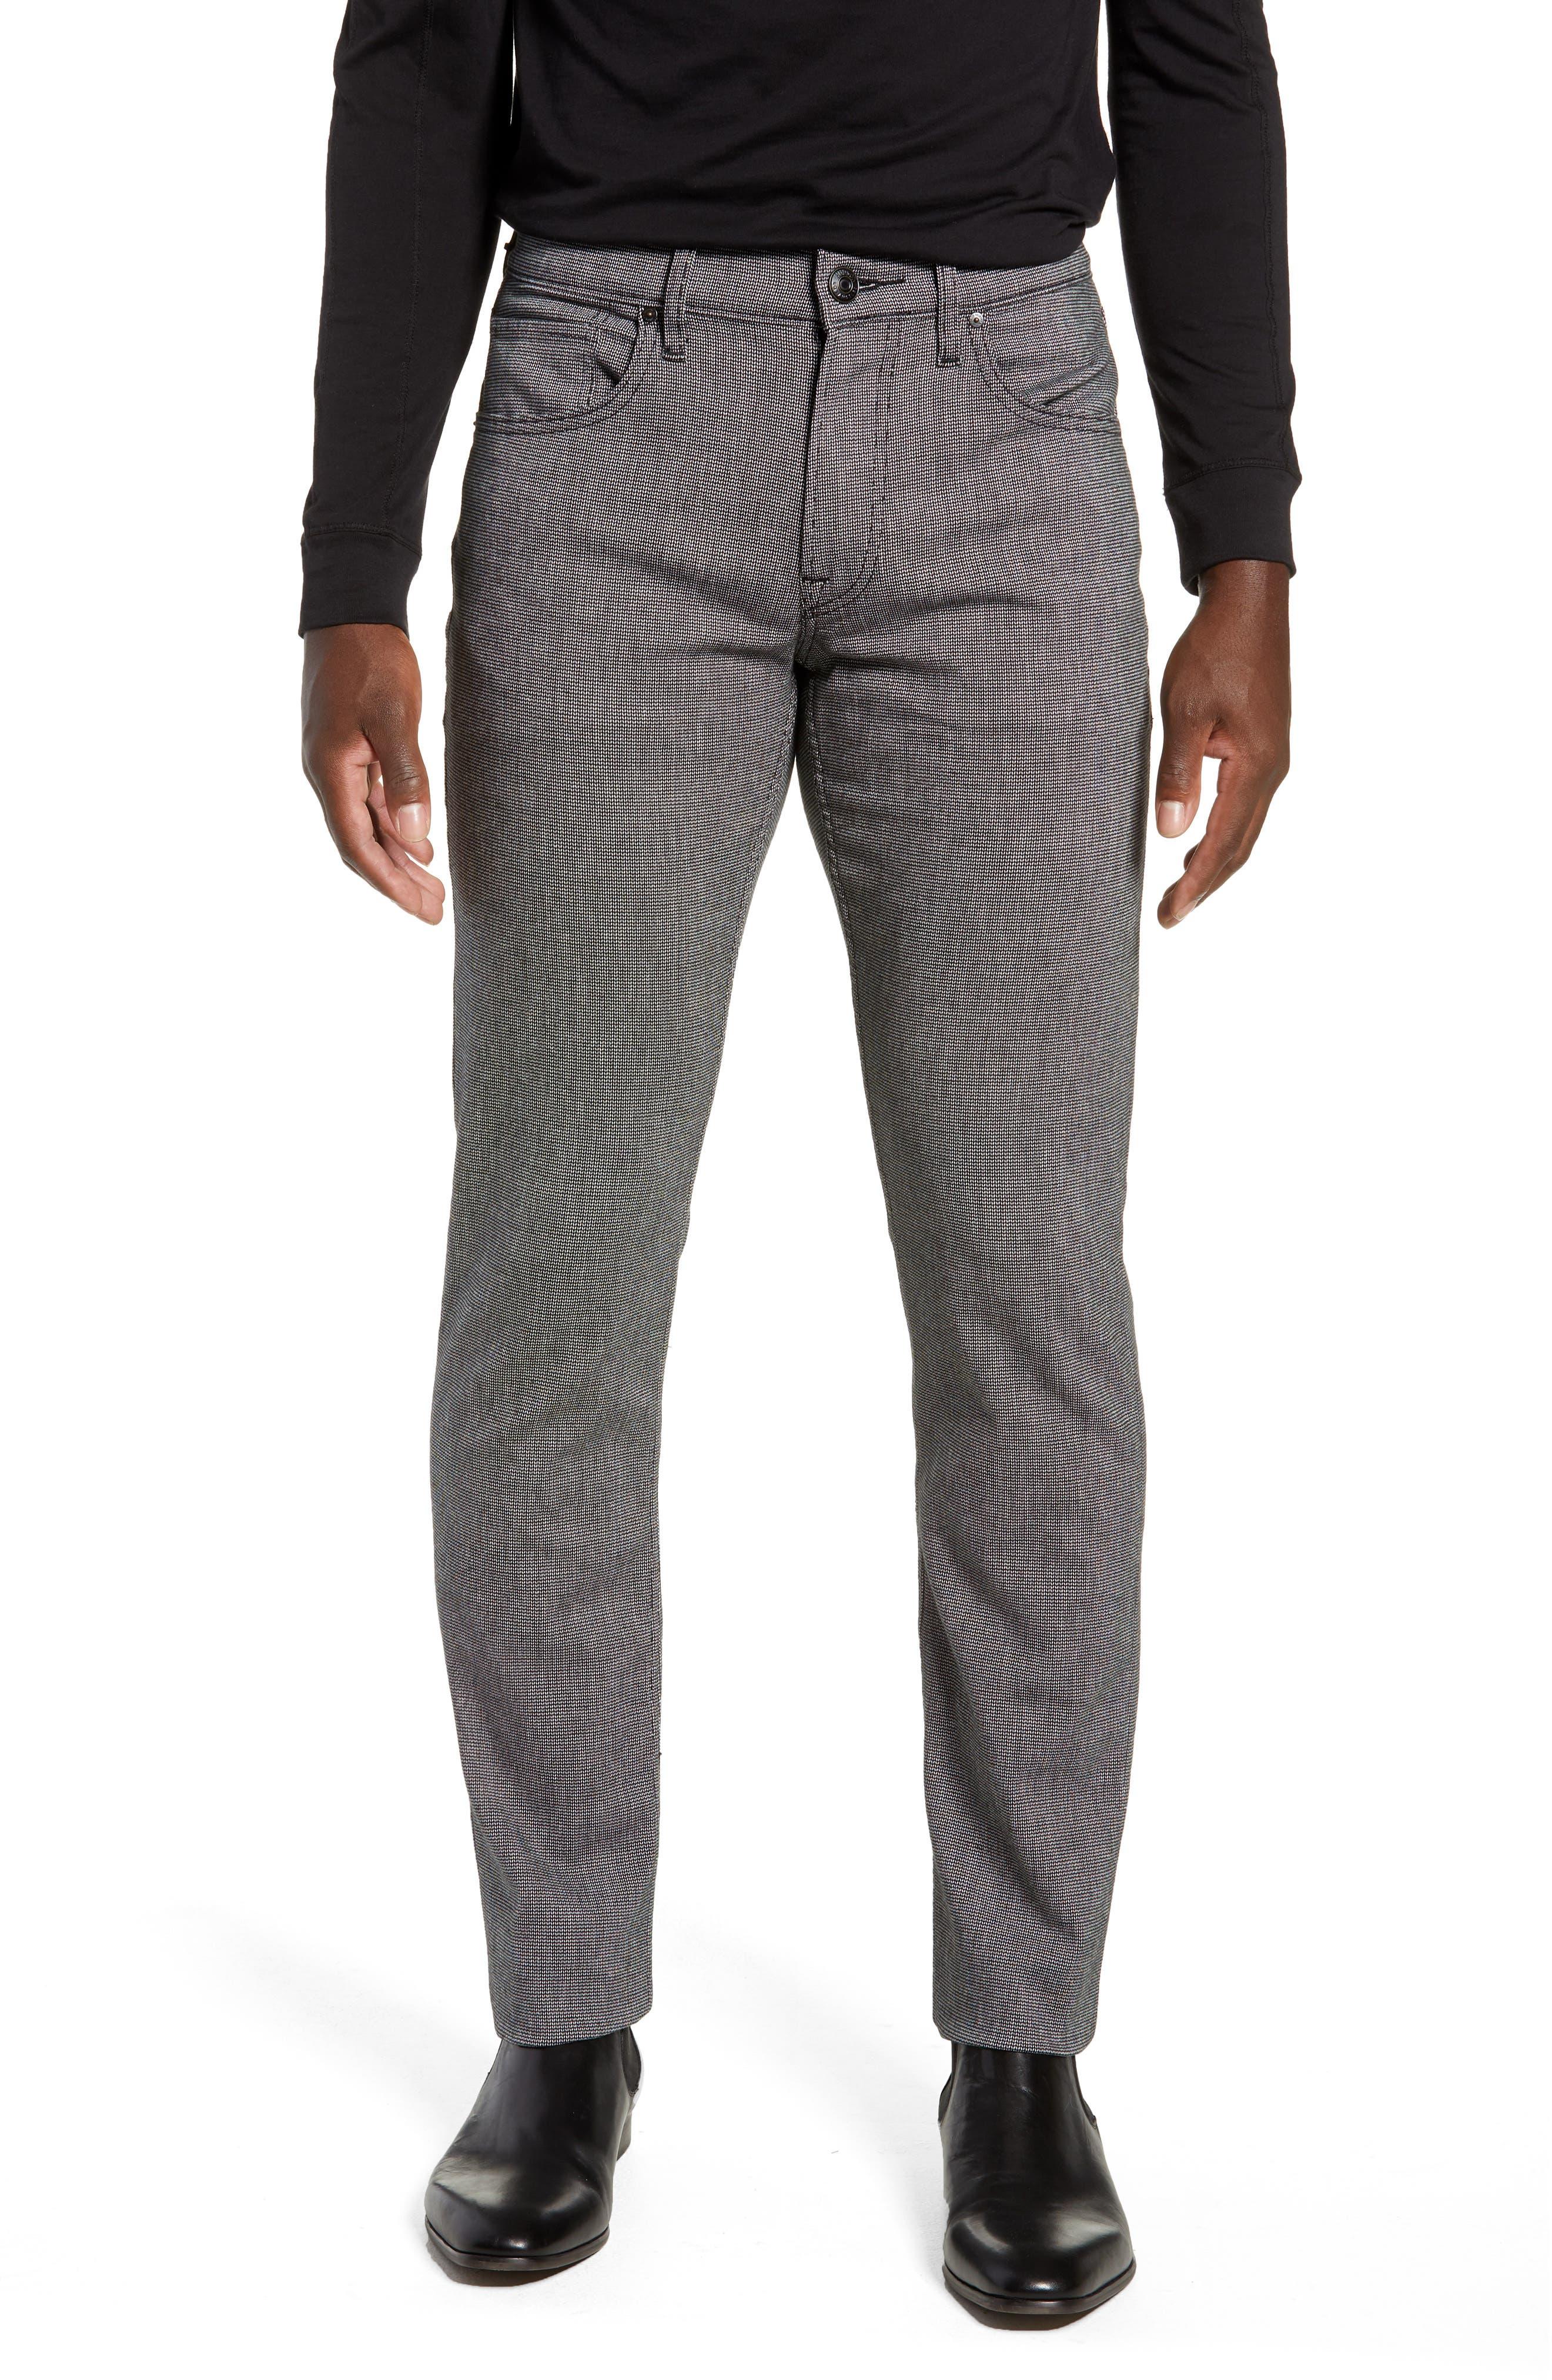 Blake Slim Fit Pants,                         Main,                         color, BLACK WILLOW